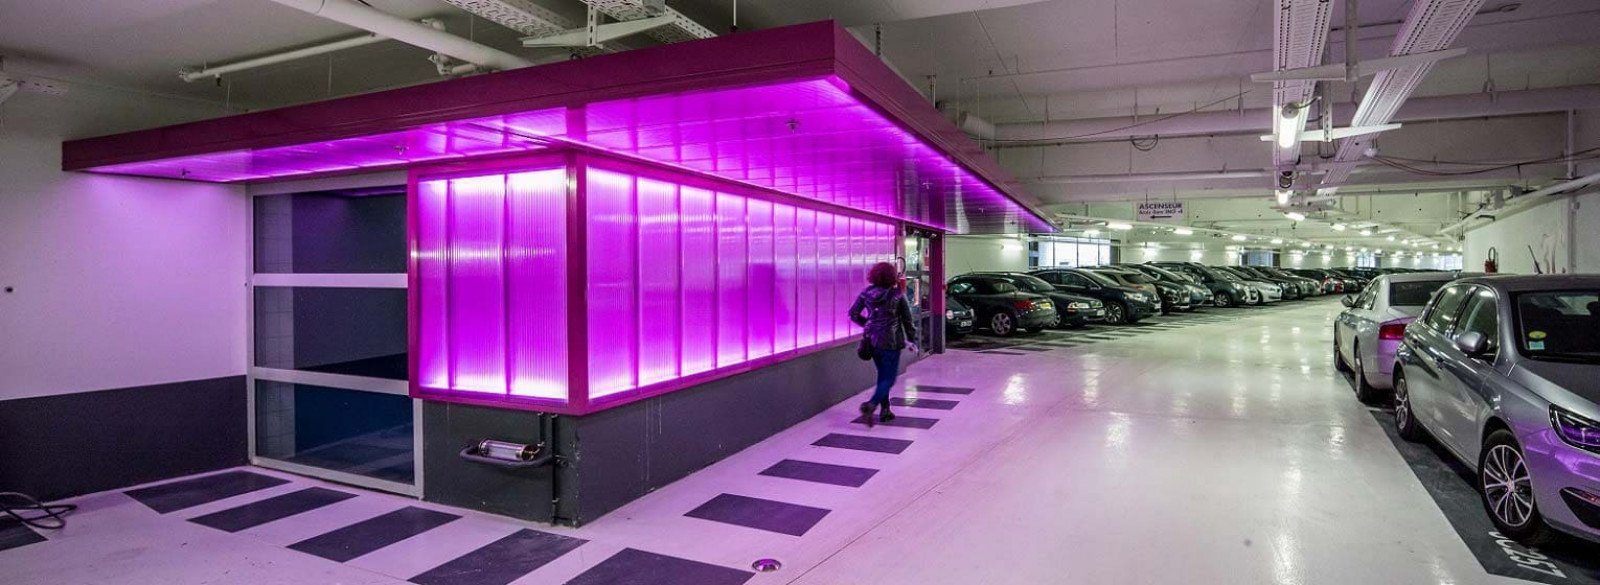 Parking Gare Sud : un équipement nouvelle génération